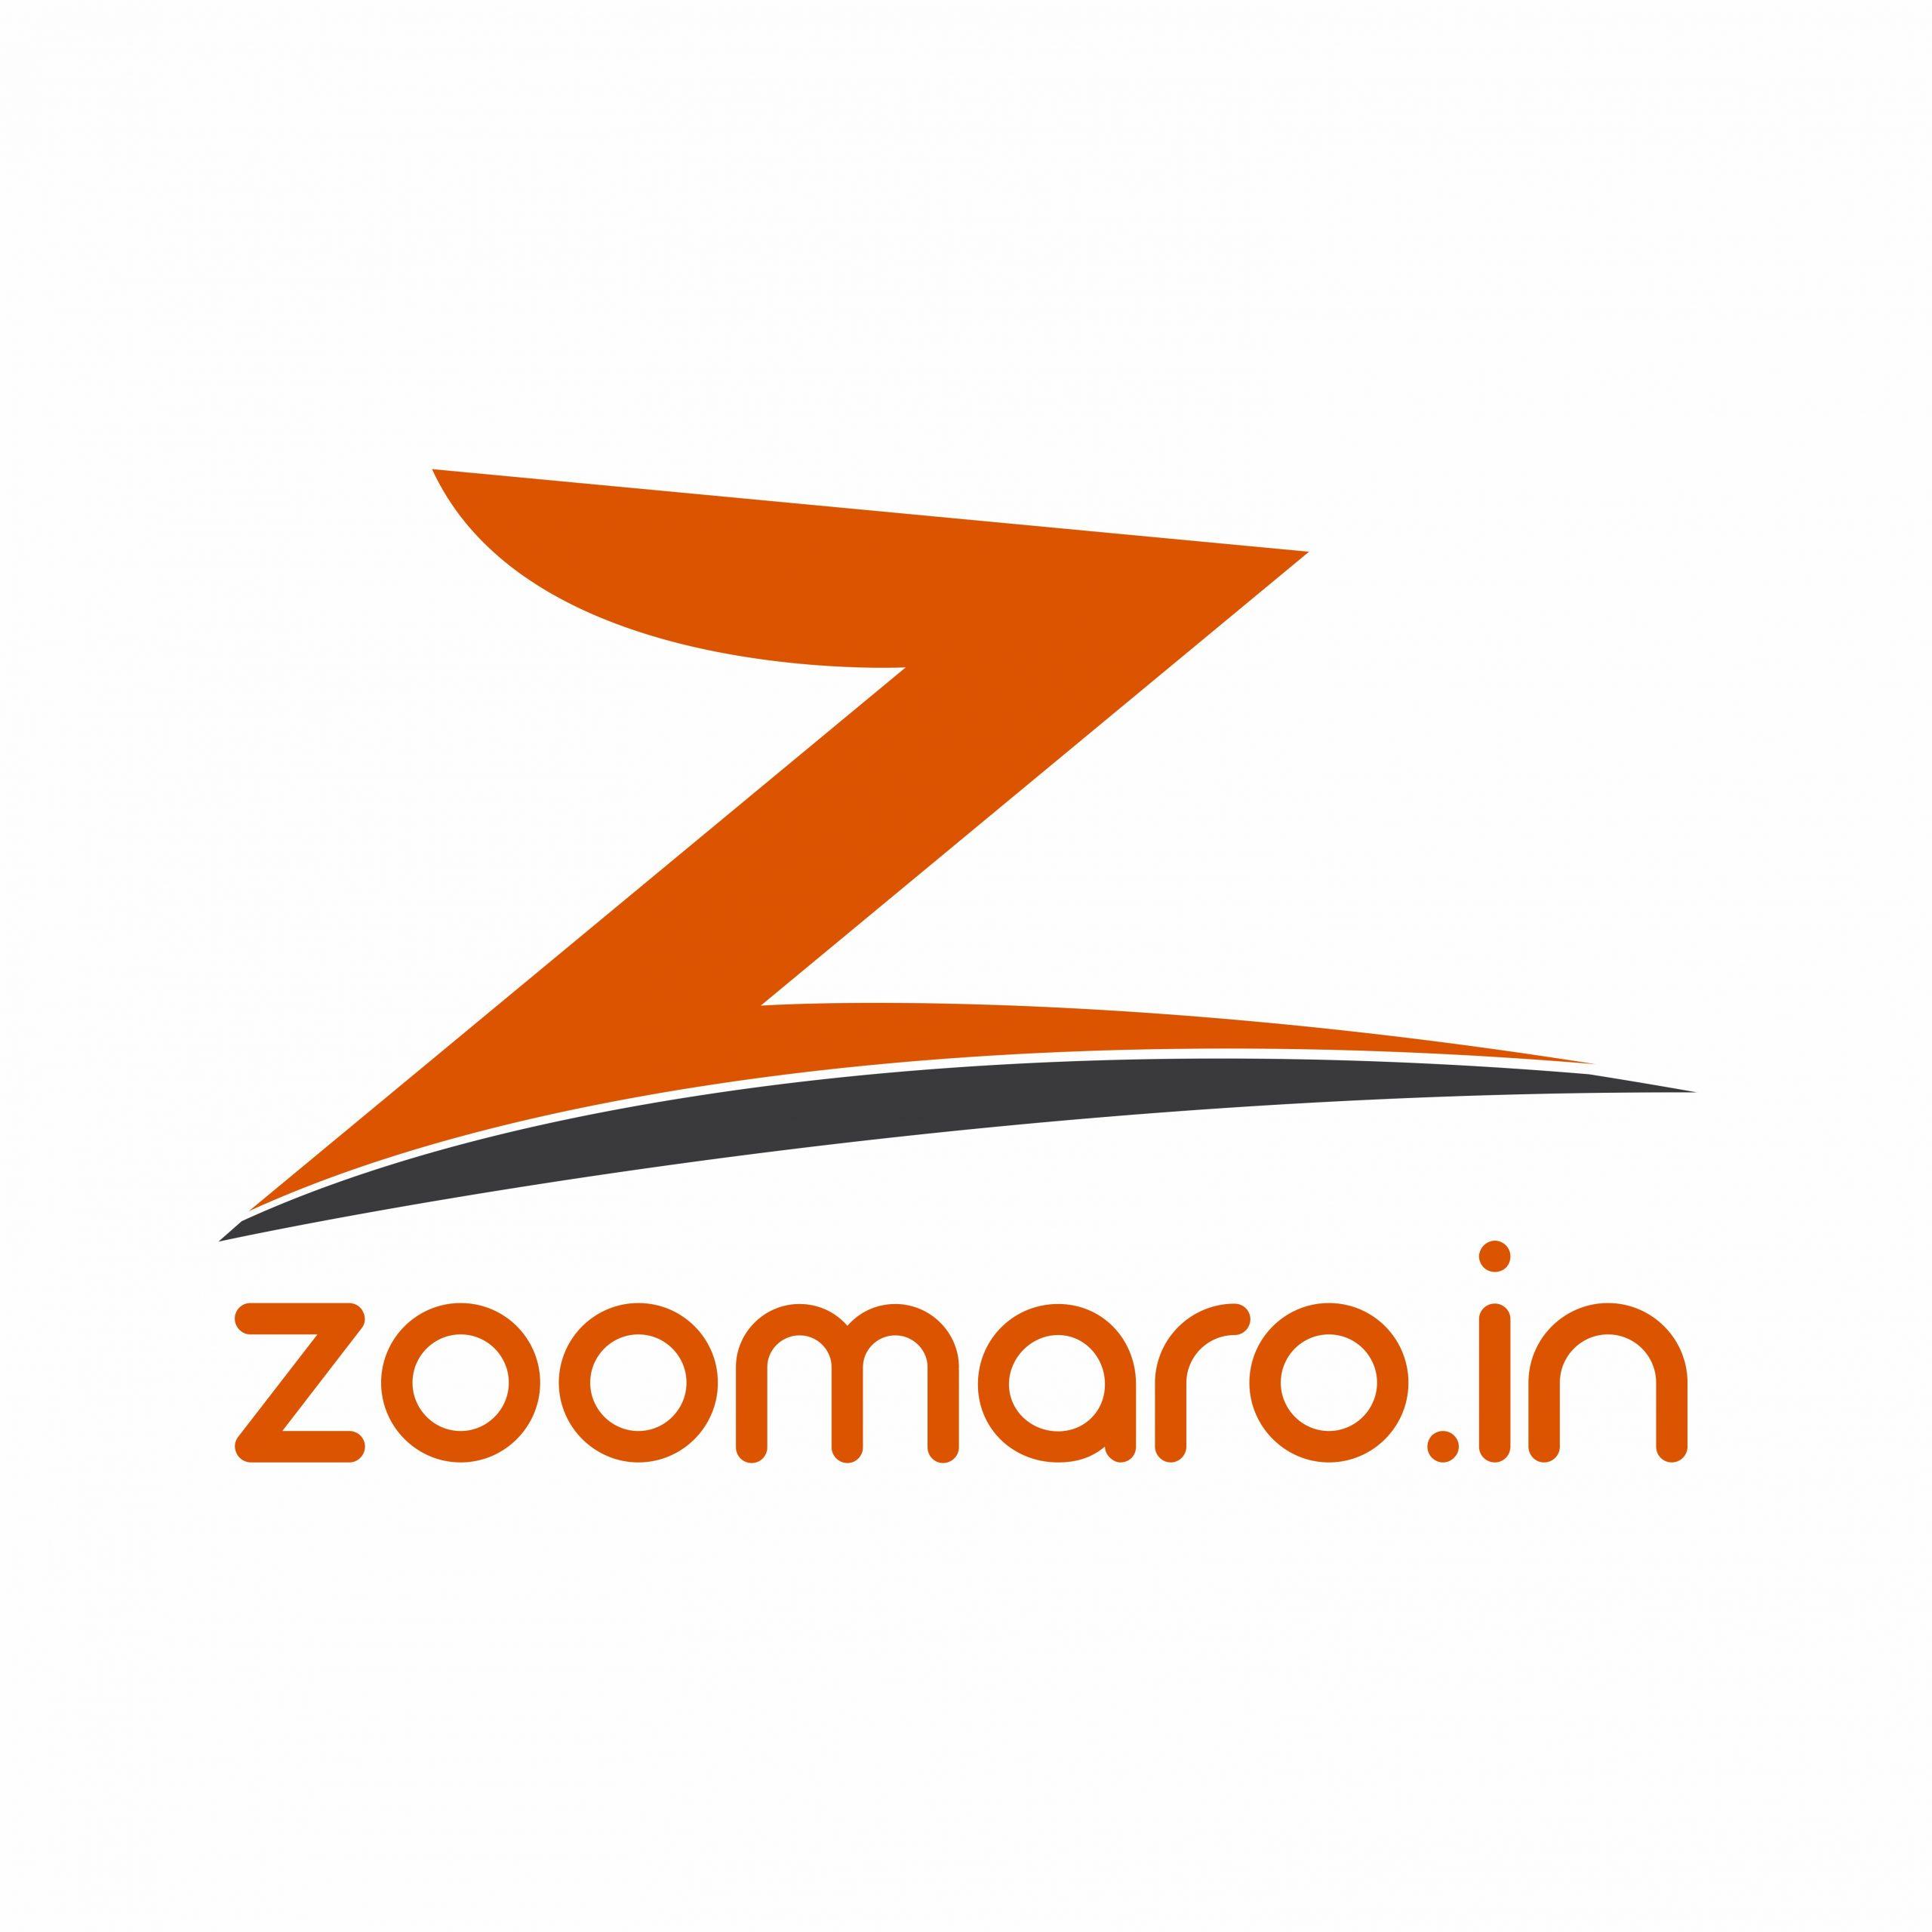 zoomaro.in-Logo-scaled.jpg